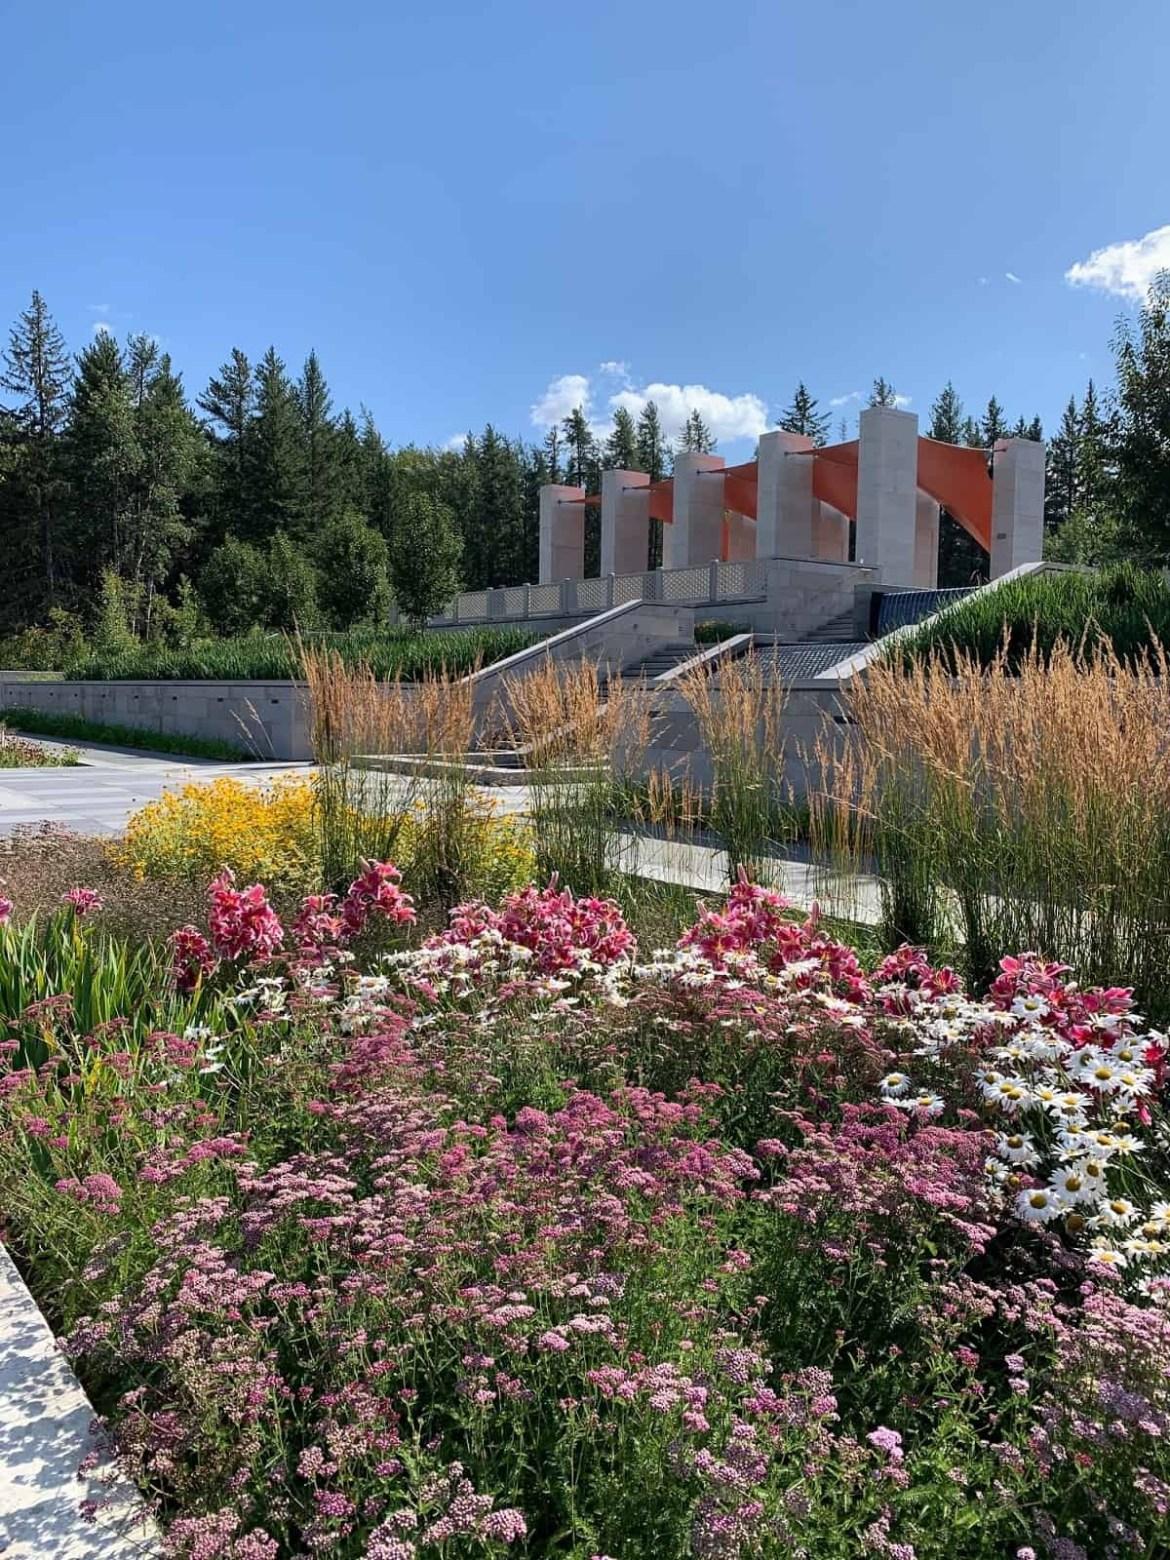 Aga Khan Garden in Edmonton